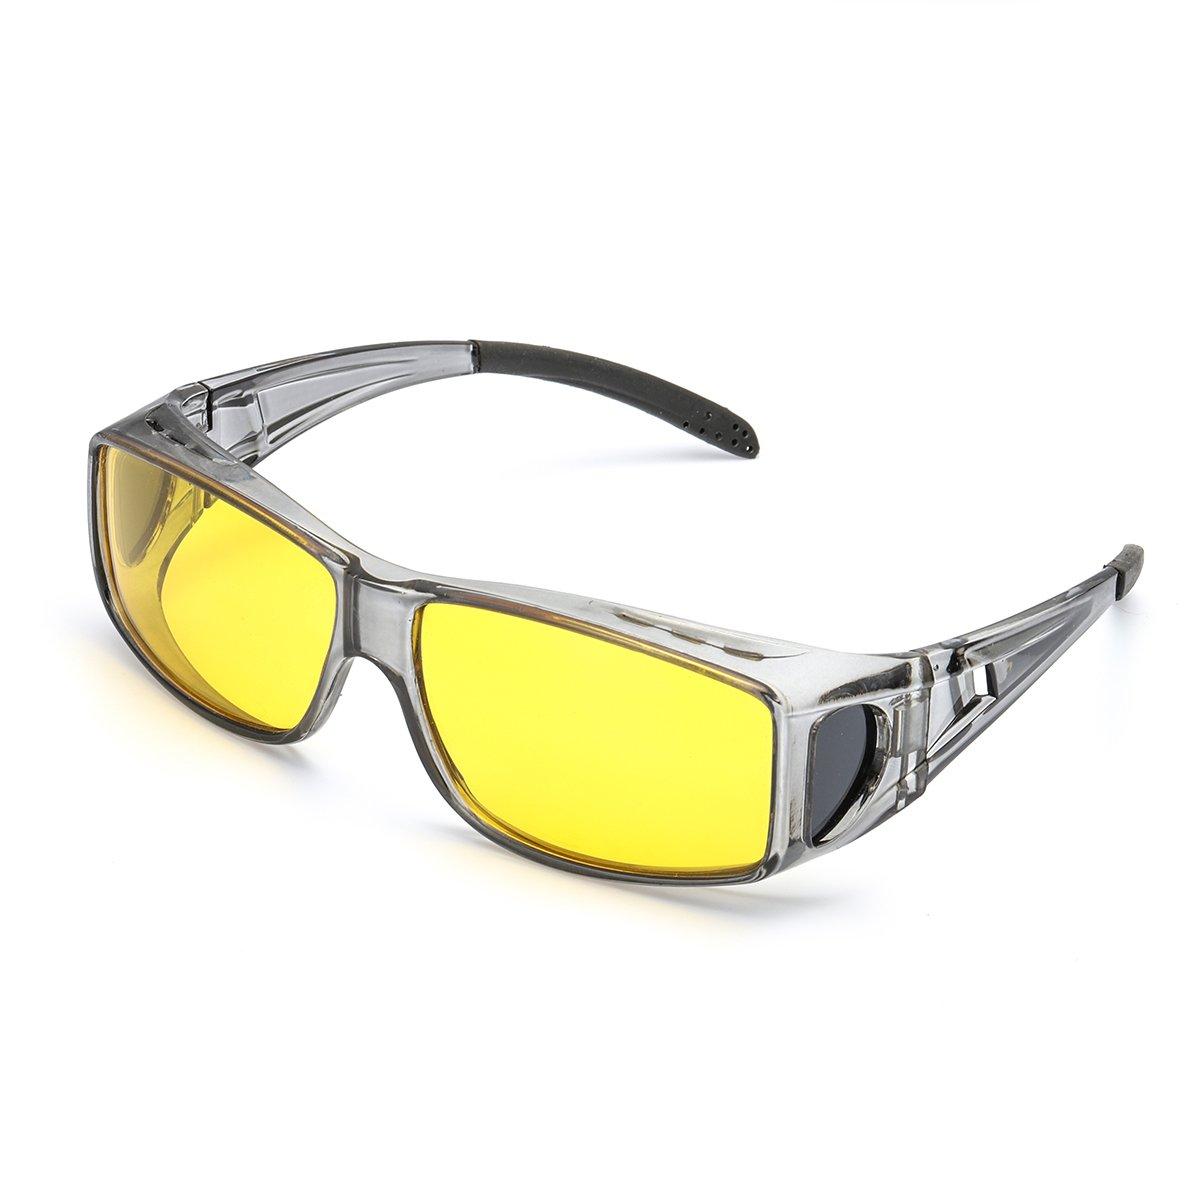 Occhiali da Sole Notturni Guida Sopra Occhiali da Vista Polarizzati Antiriflesso Grandi - Protezione 100% UVA & UVB